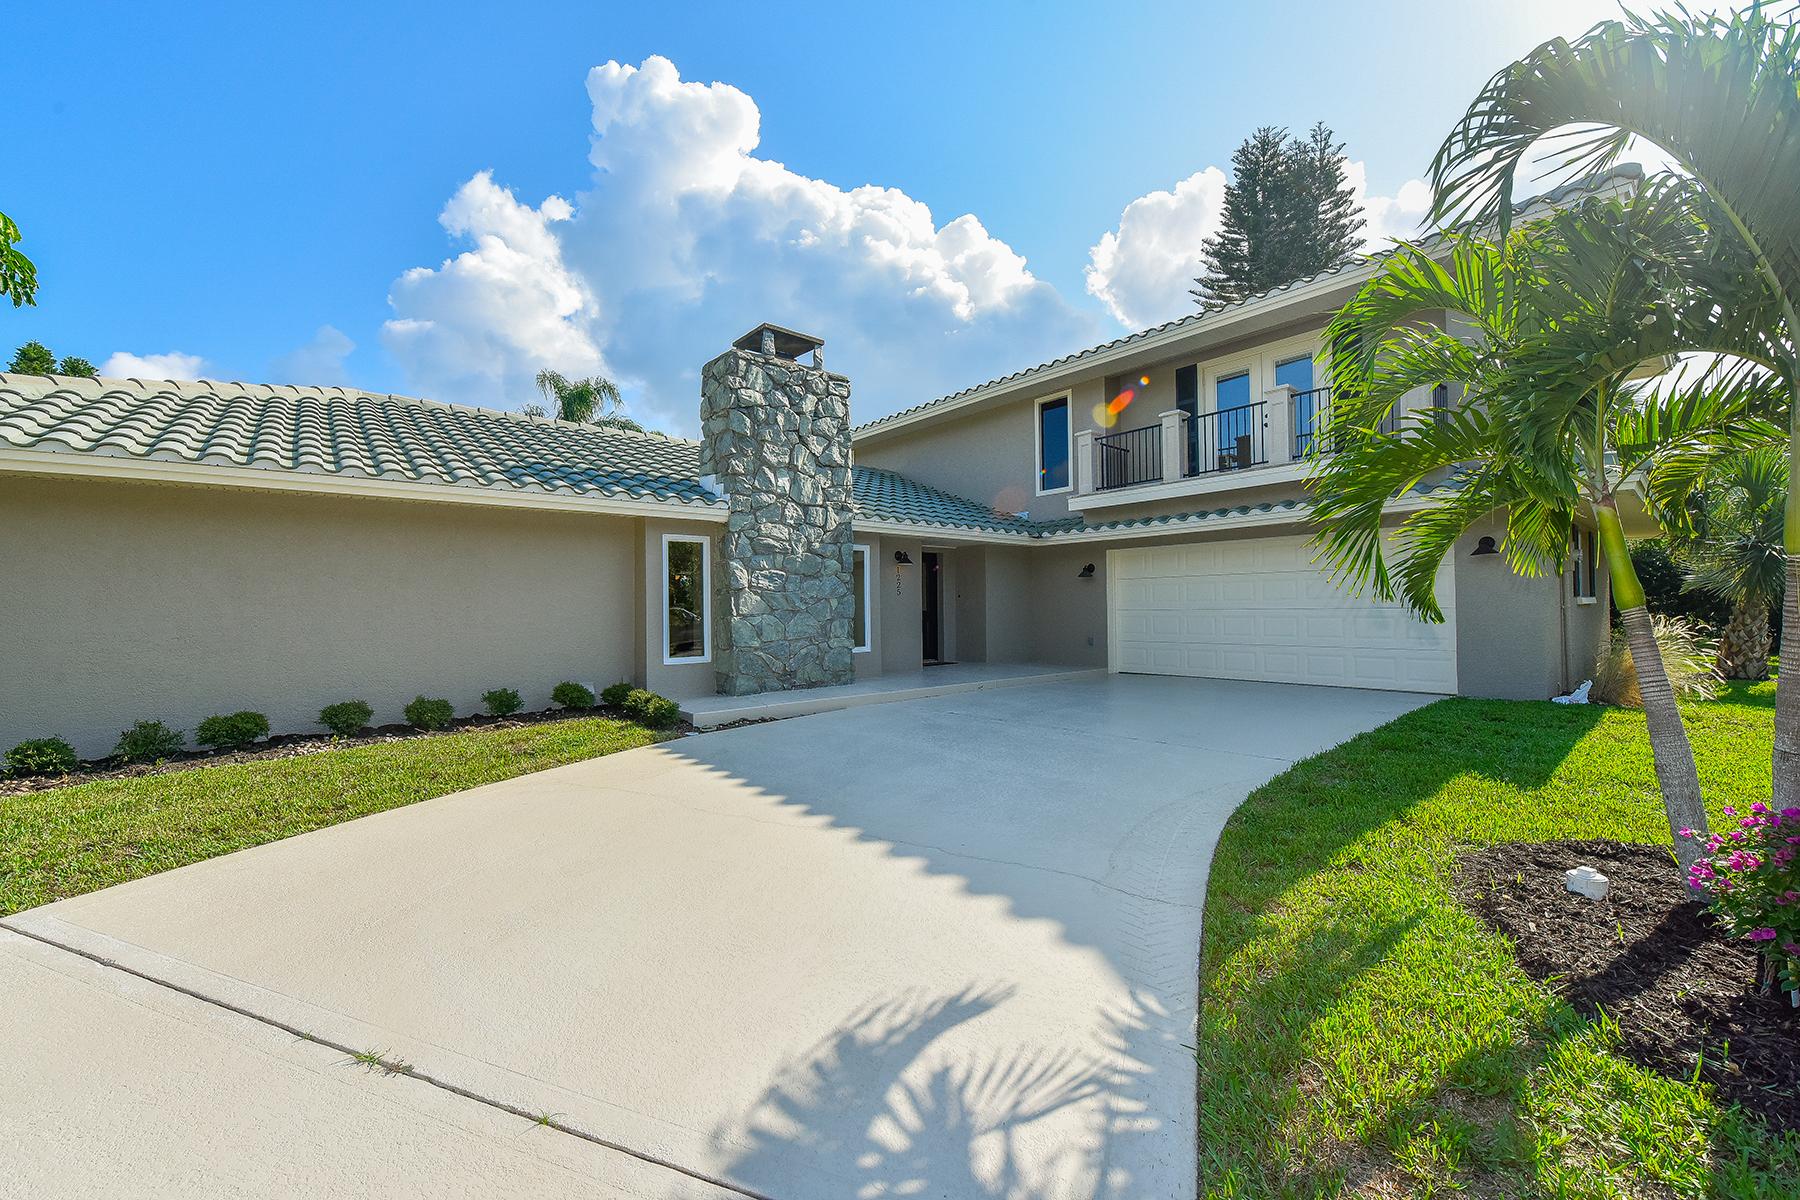 Casa para uma família para Venda às PRINCESS GATE 1225 Whitehall Pl Sarasota, Florida, 34242 Estados Unidos